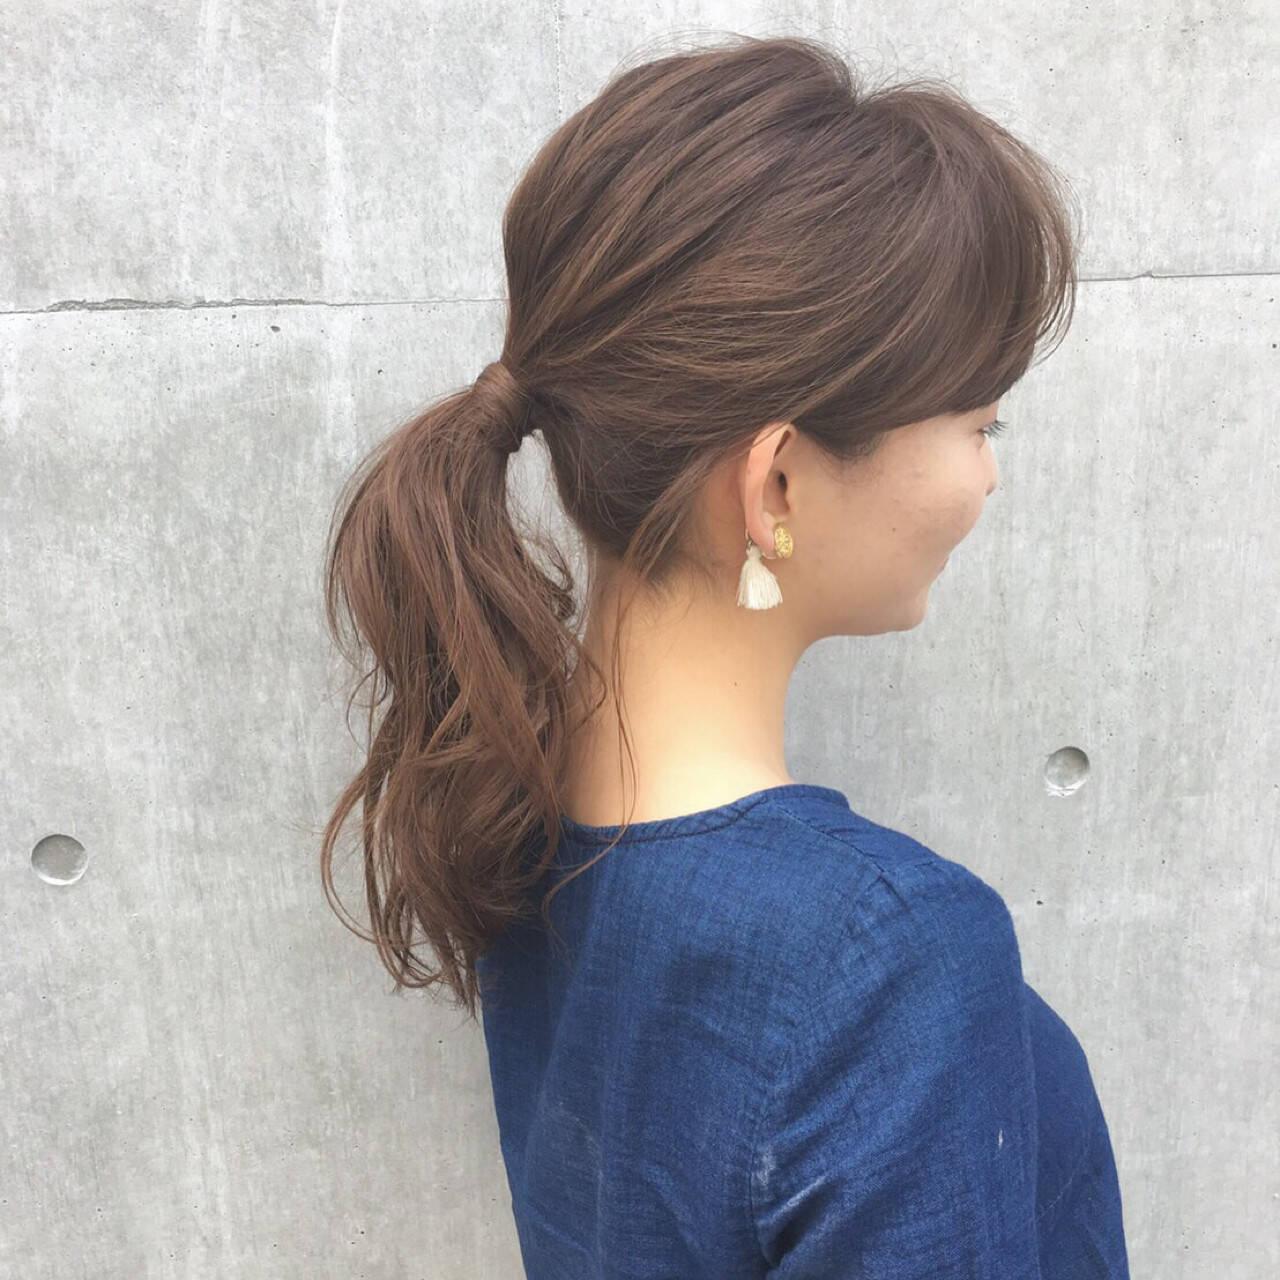 簡単ヘアアレンジ ヘアアレンジ セミロング ポニーテールヘアスタイルや髪型の写真・画像